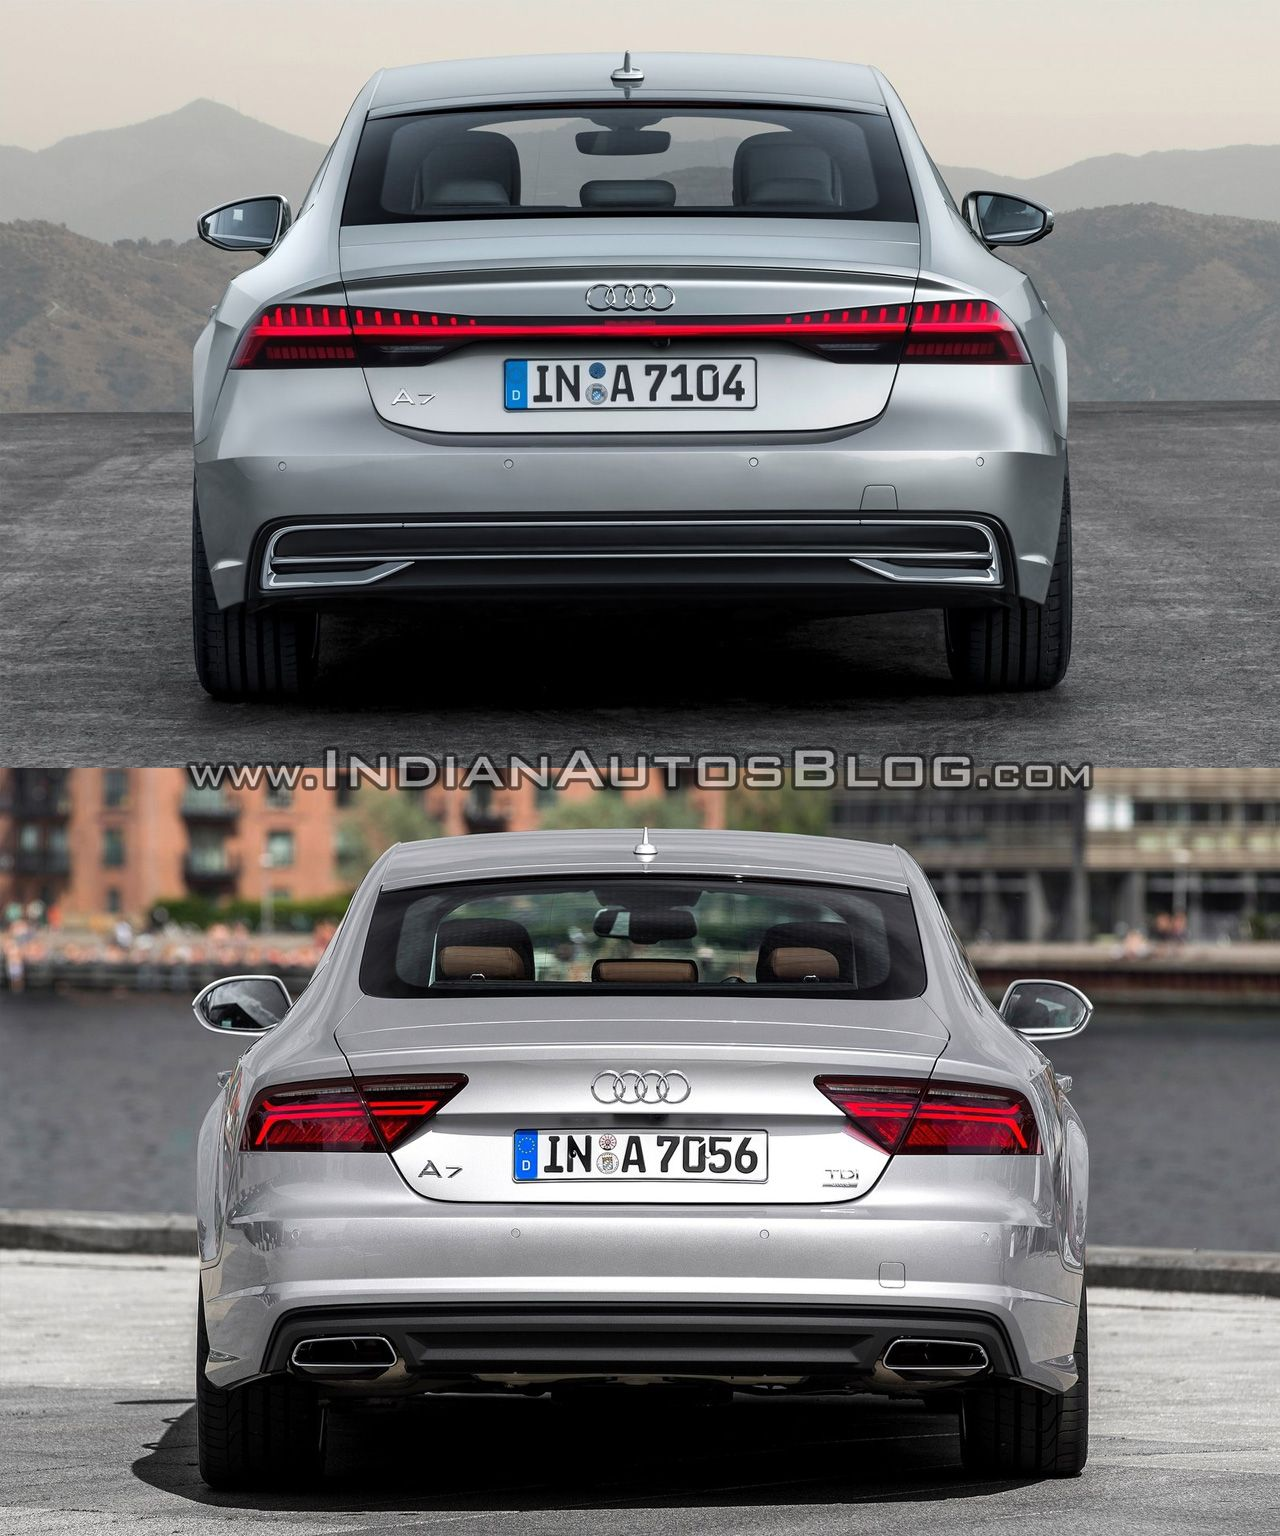 Afbeeldingsresultaat Voor Audi A7 2018 Audis Audi Audi A7 Cars